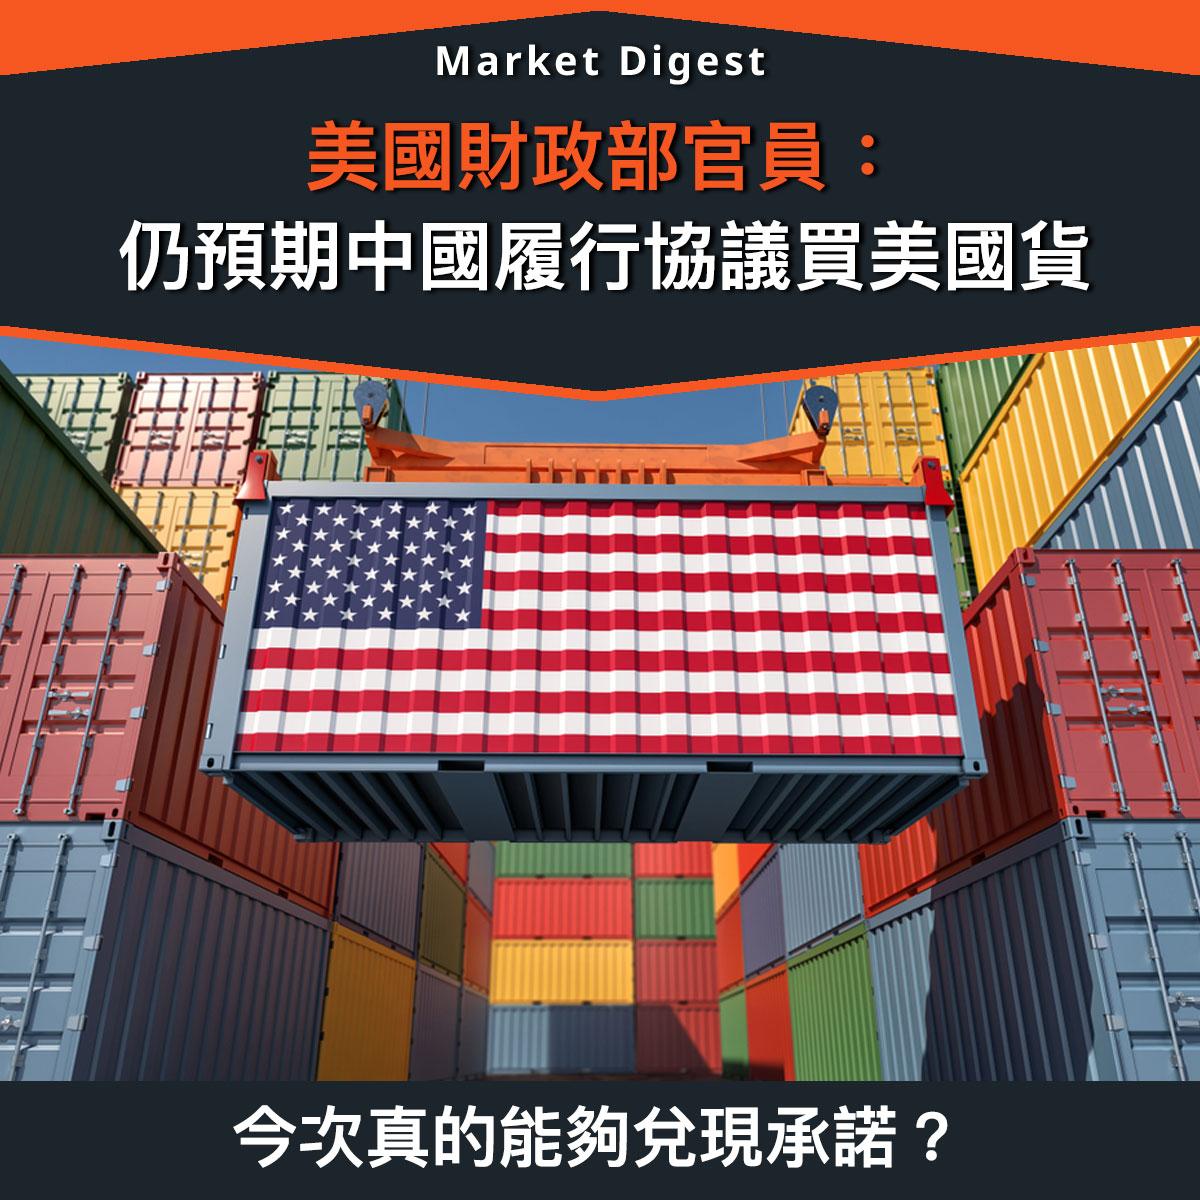 【市場熱話】美國財政部官員:仍預期中國履行協議買美國貨